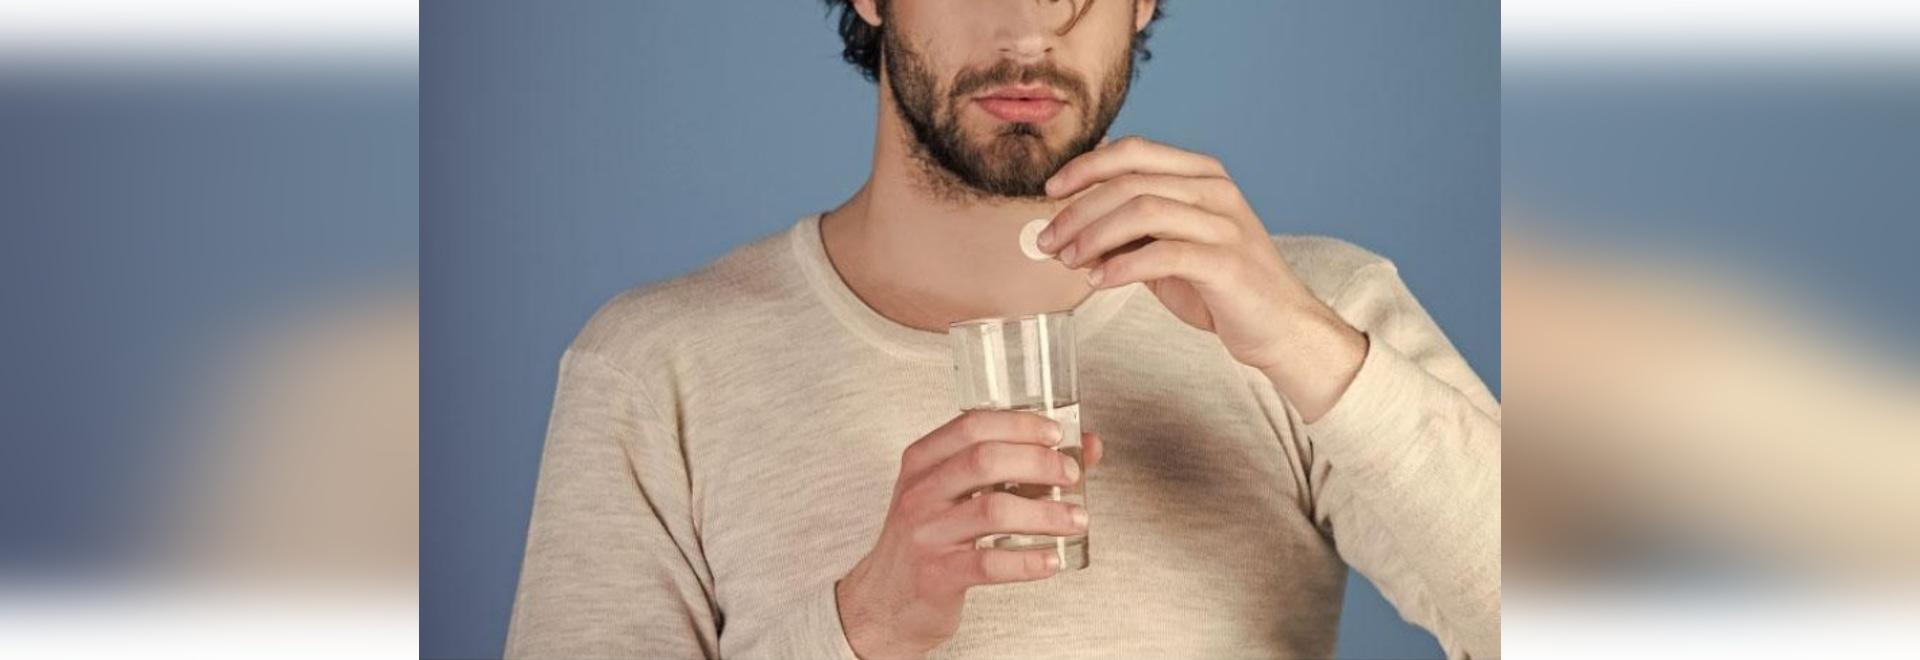 Deuxième pilule contraceptive pour hommes réussit les tests de sécurité